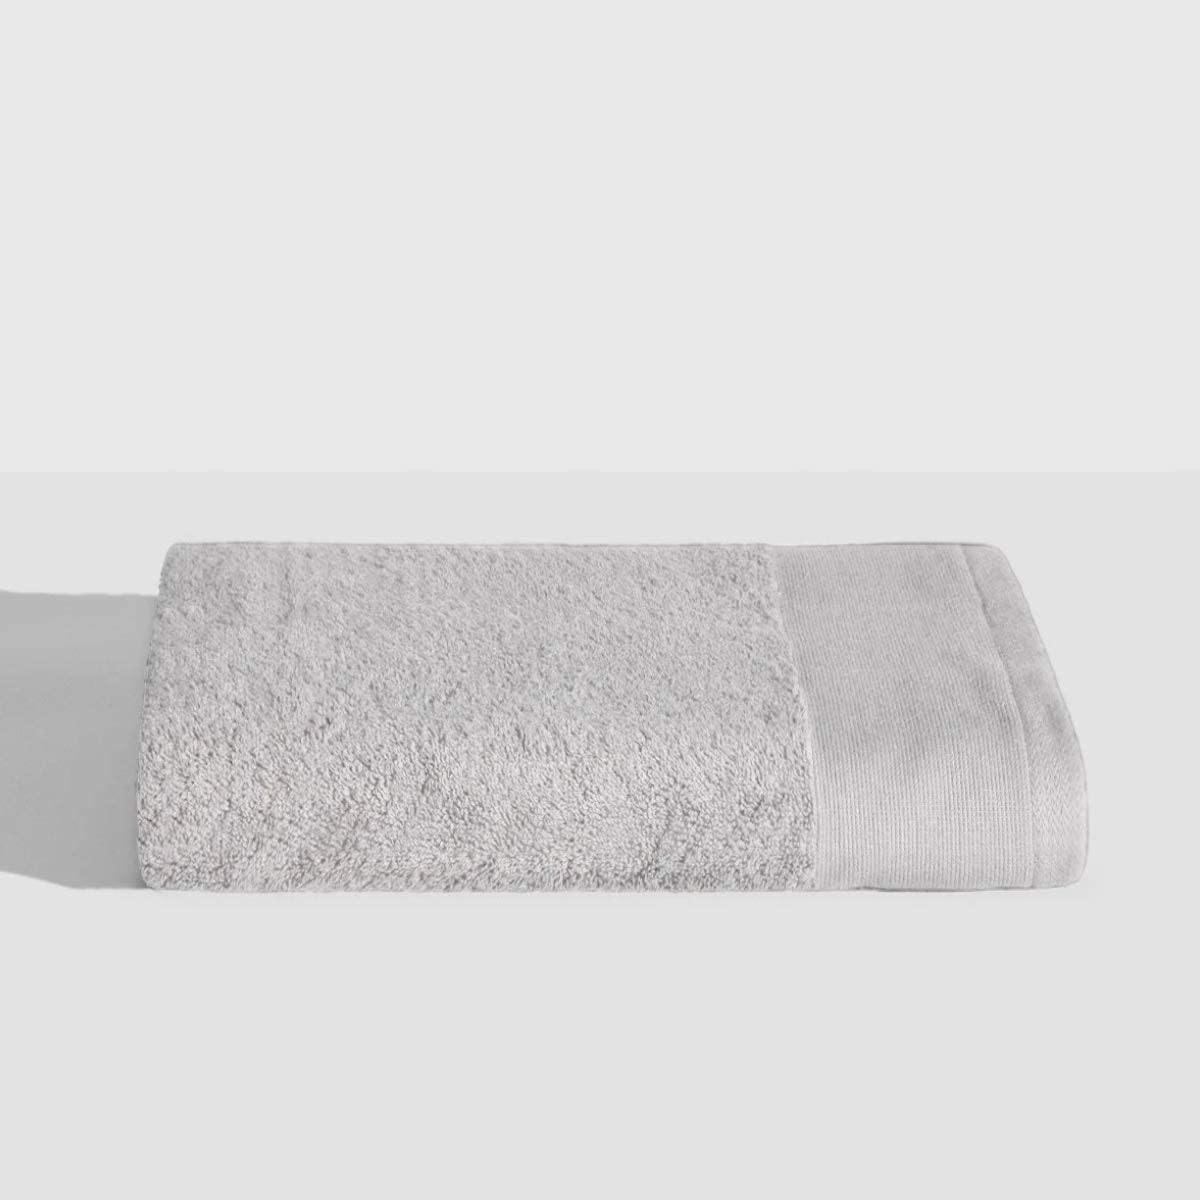 Luxury Antimicrobial Bath Towel